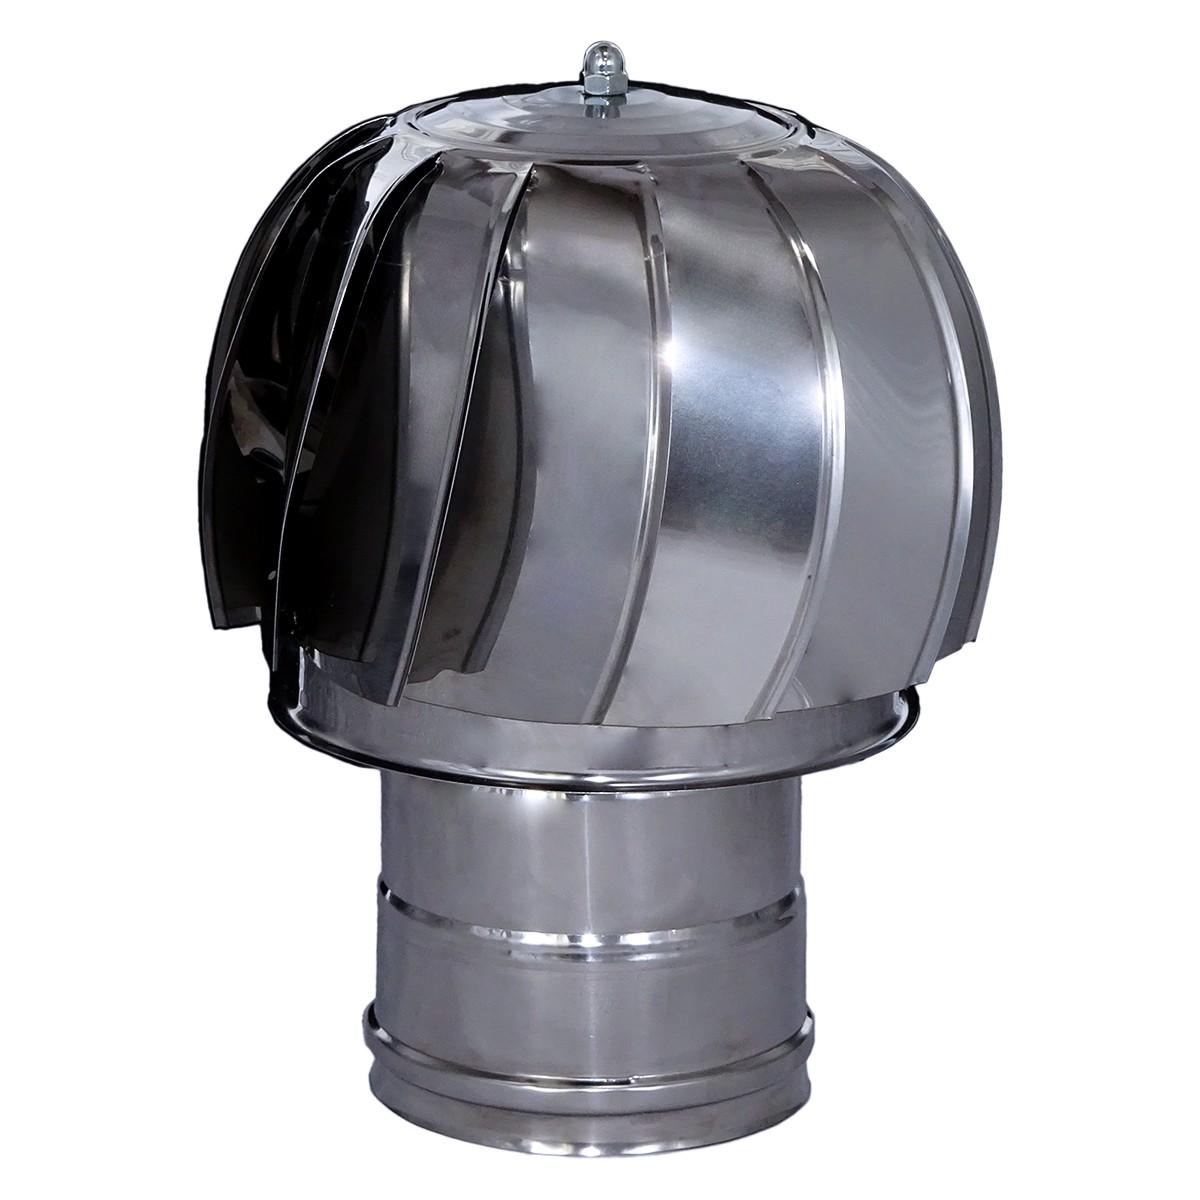 Pălărie rotativă din inox pentru coșuri de fum- Ø 130mm